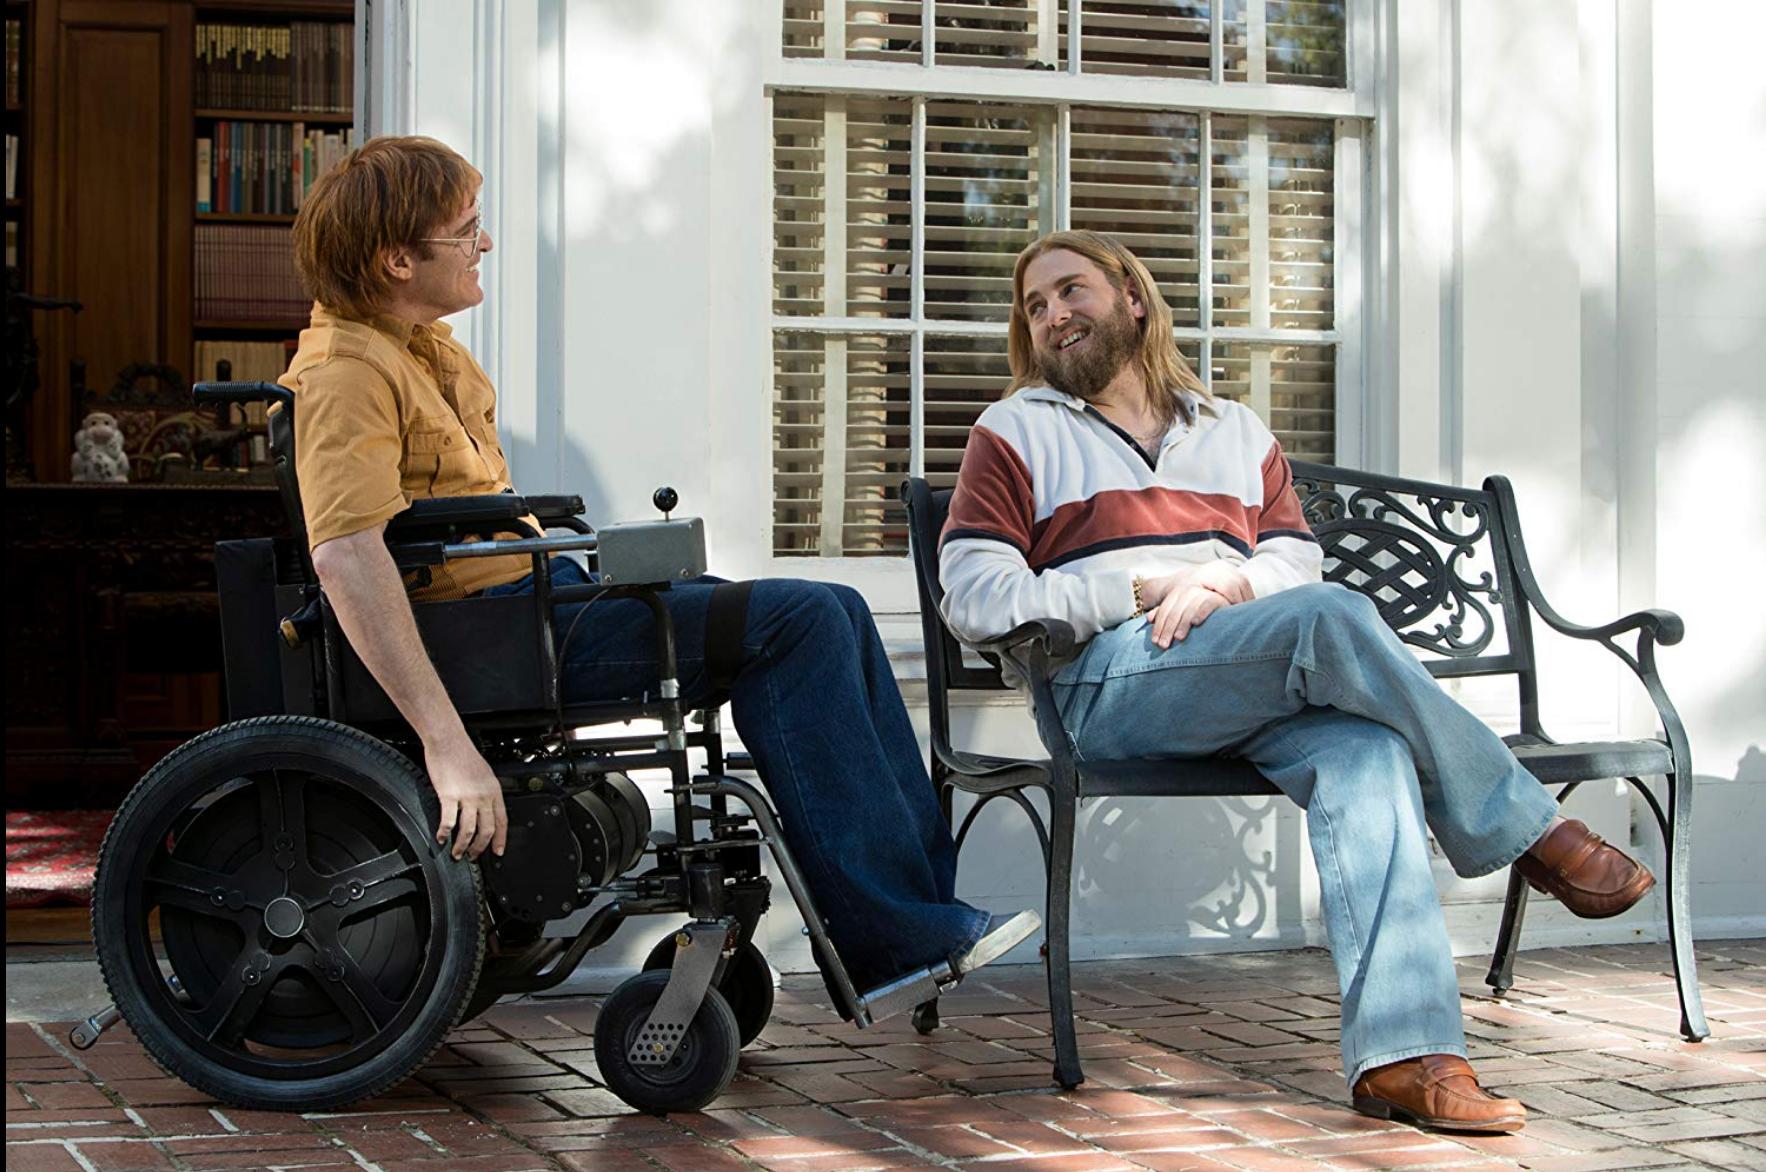 John zit in zijn rolstoel. Naast hem zit een man op een bankje. Ze lachen.